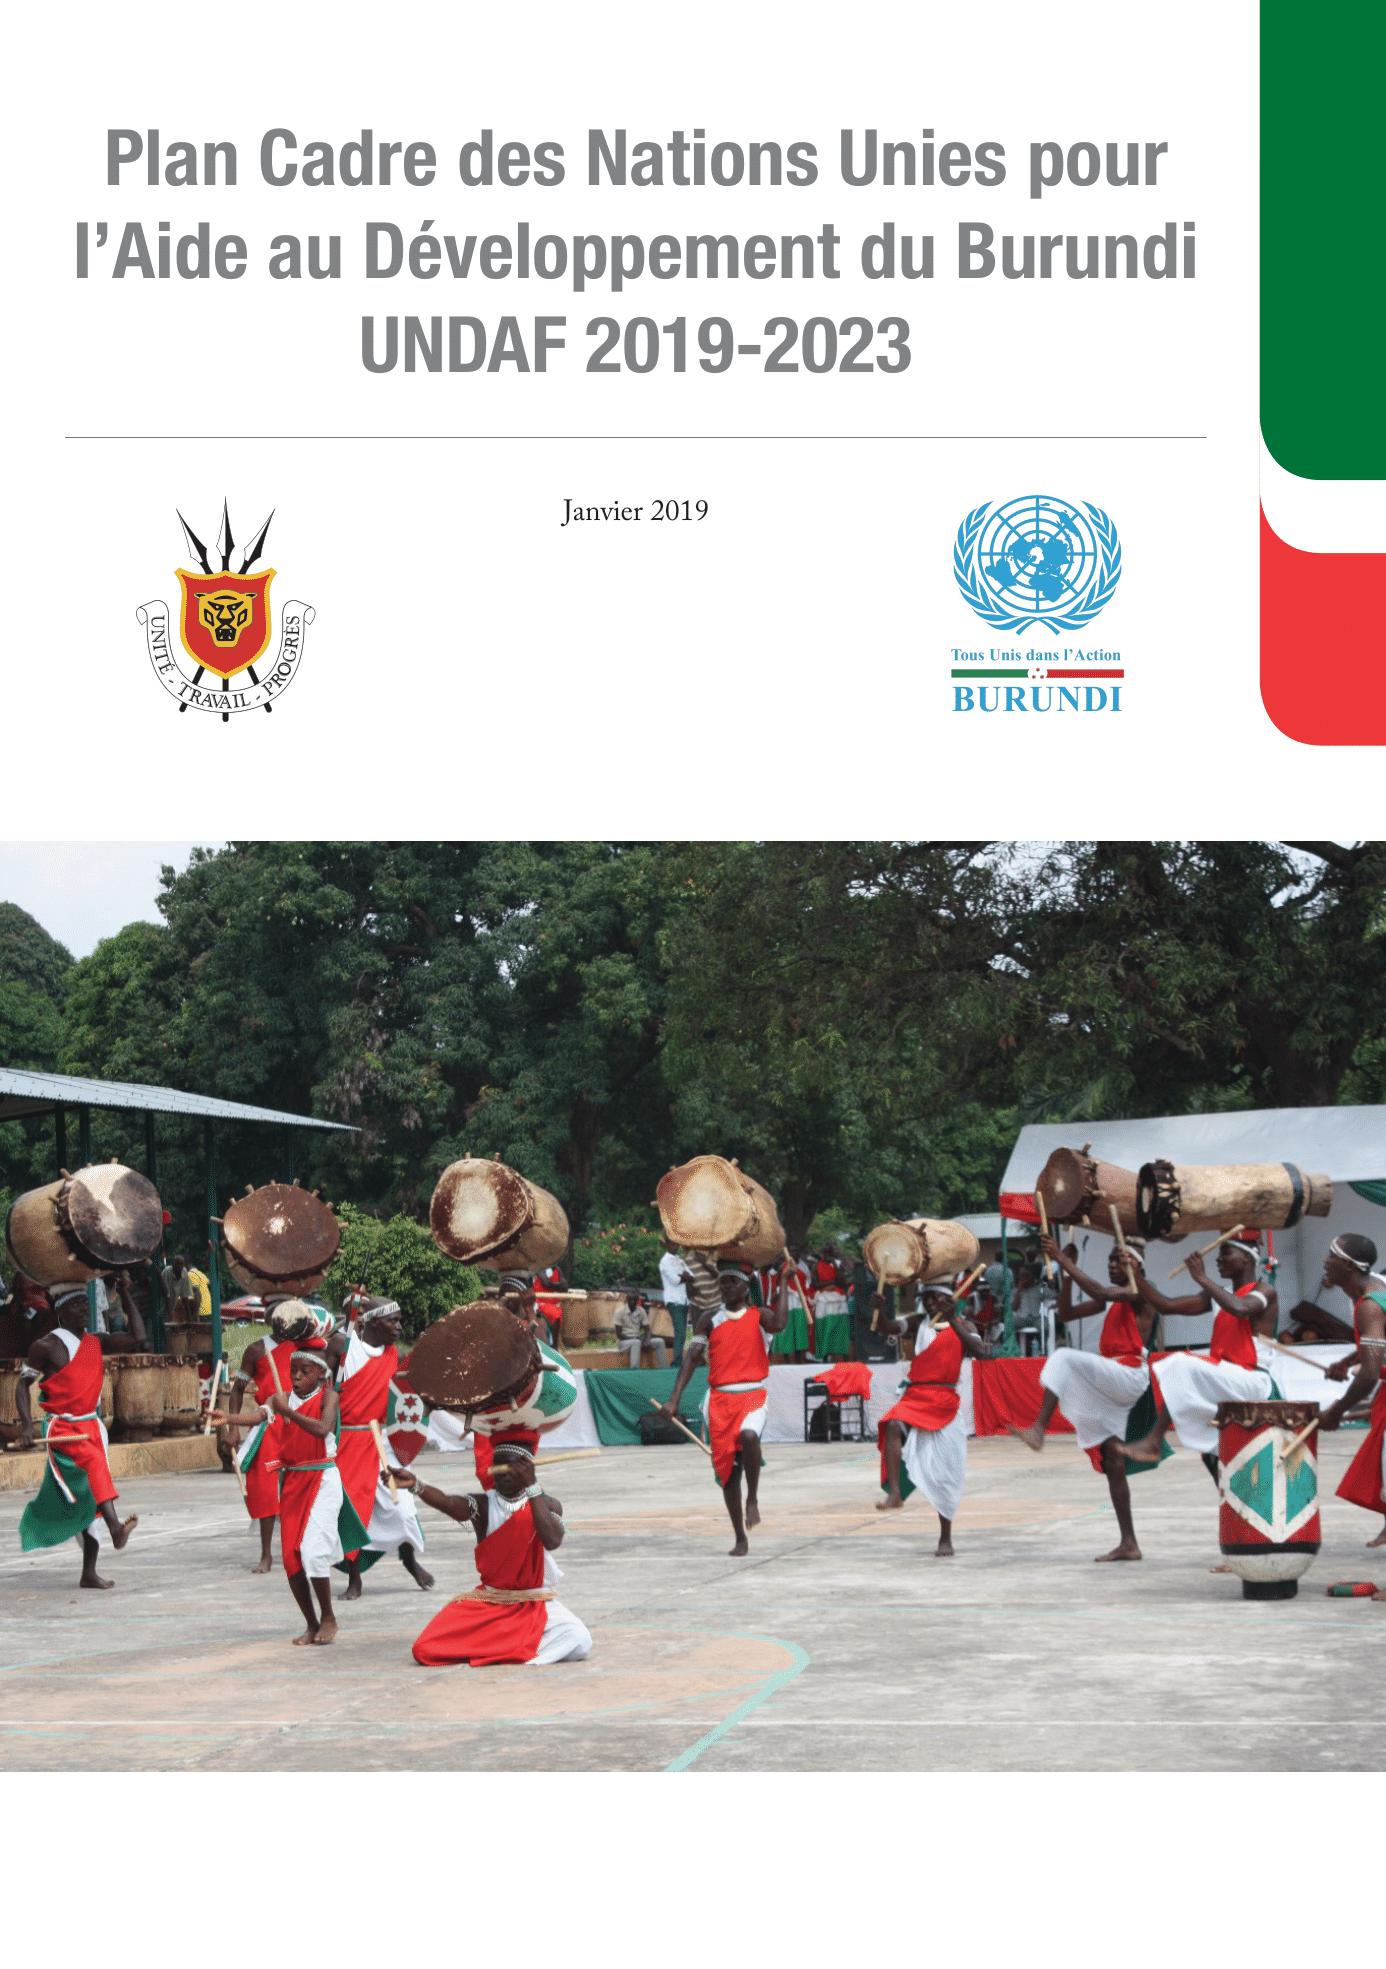 Plan Cadre des Nations Unies pour l'aide au développement du Burundi (UNDAF) 2019-2023